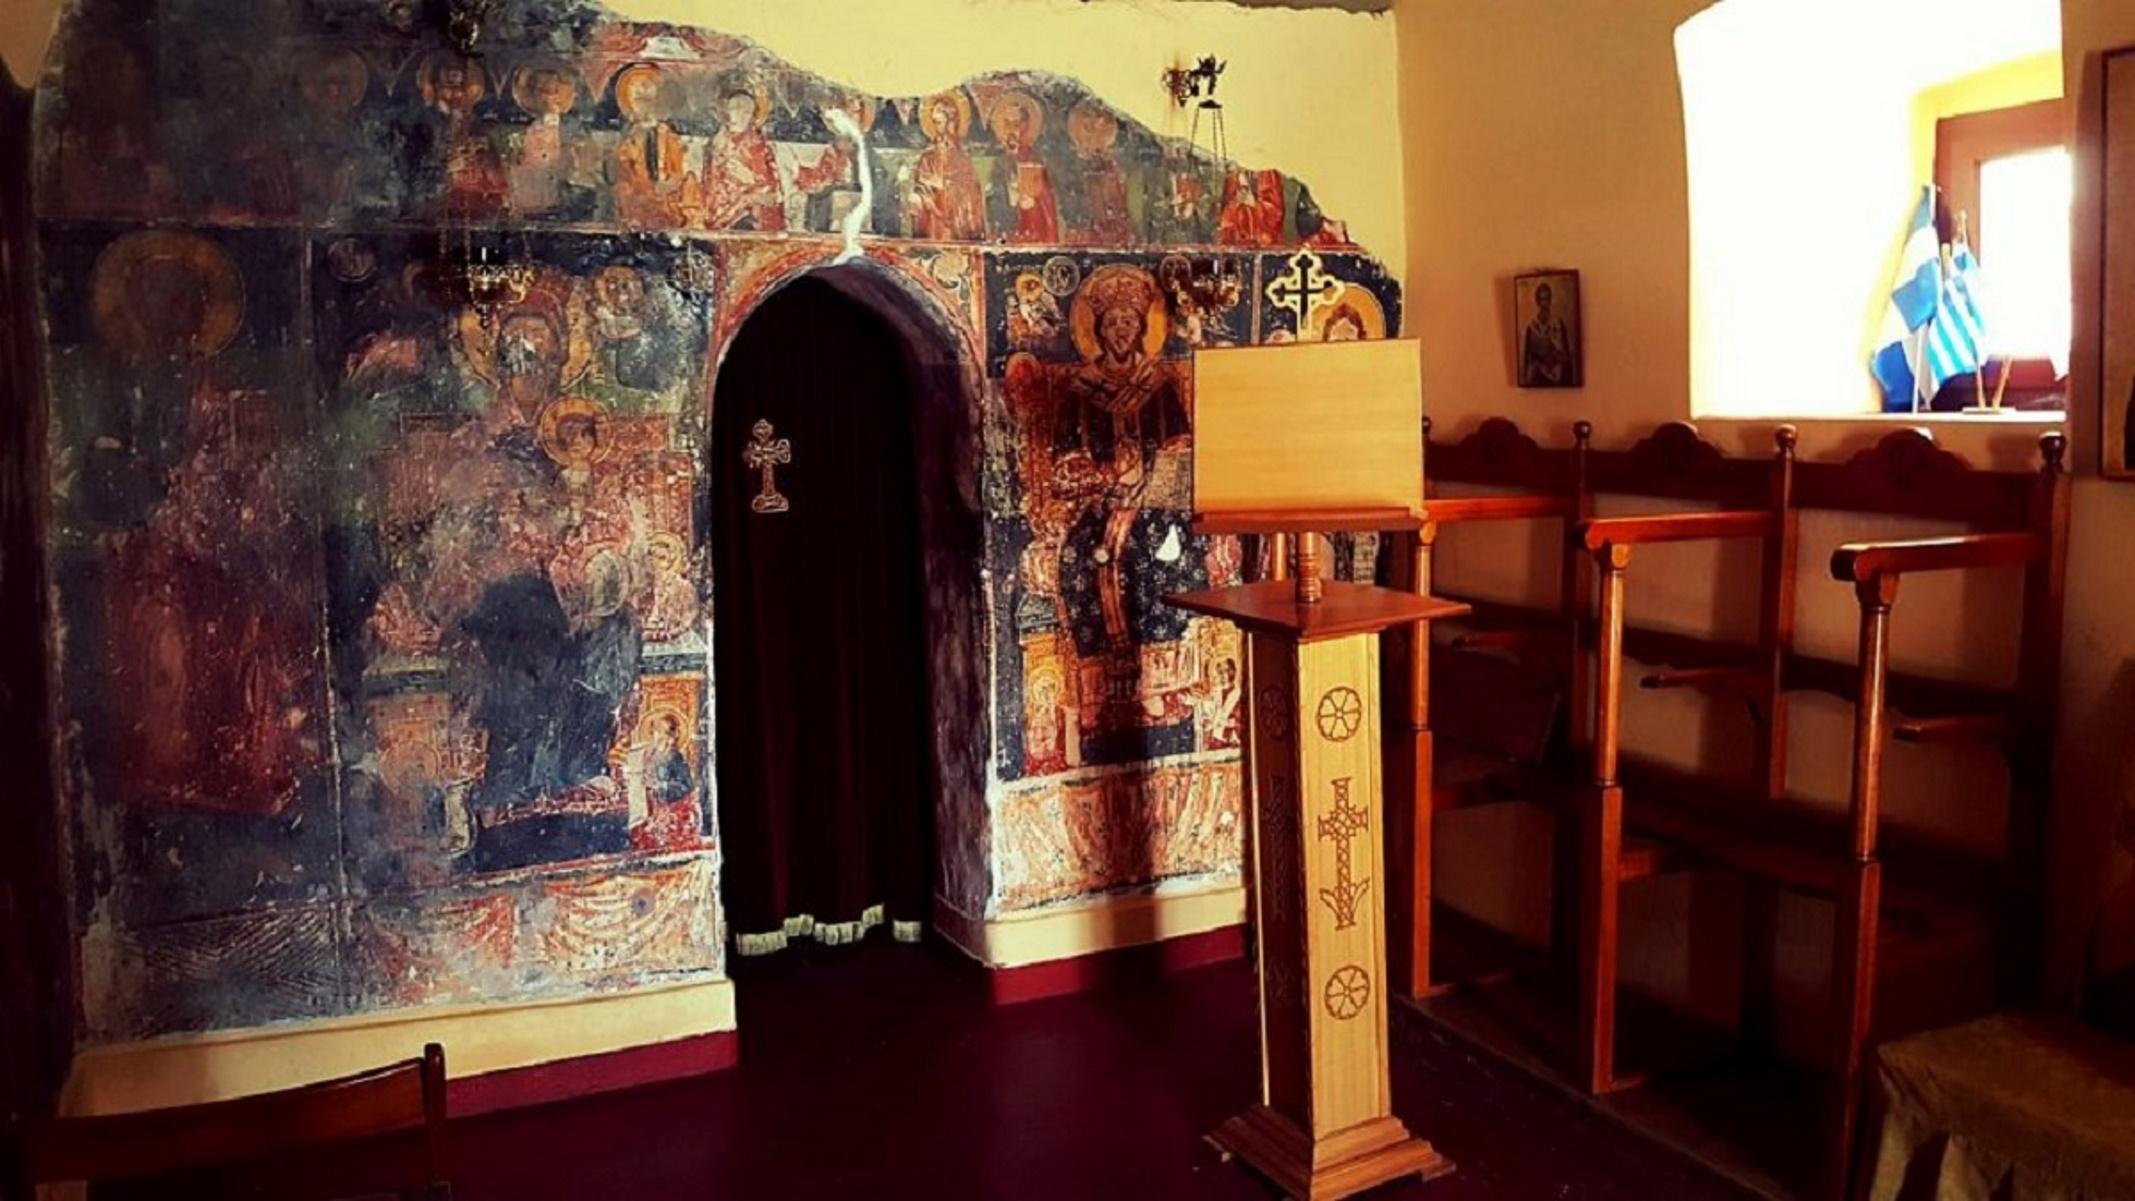 Μοναστήρι στη Λάρισα φτιάχνει φωτοβολταϊκό σταθμό!